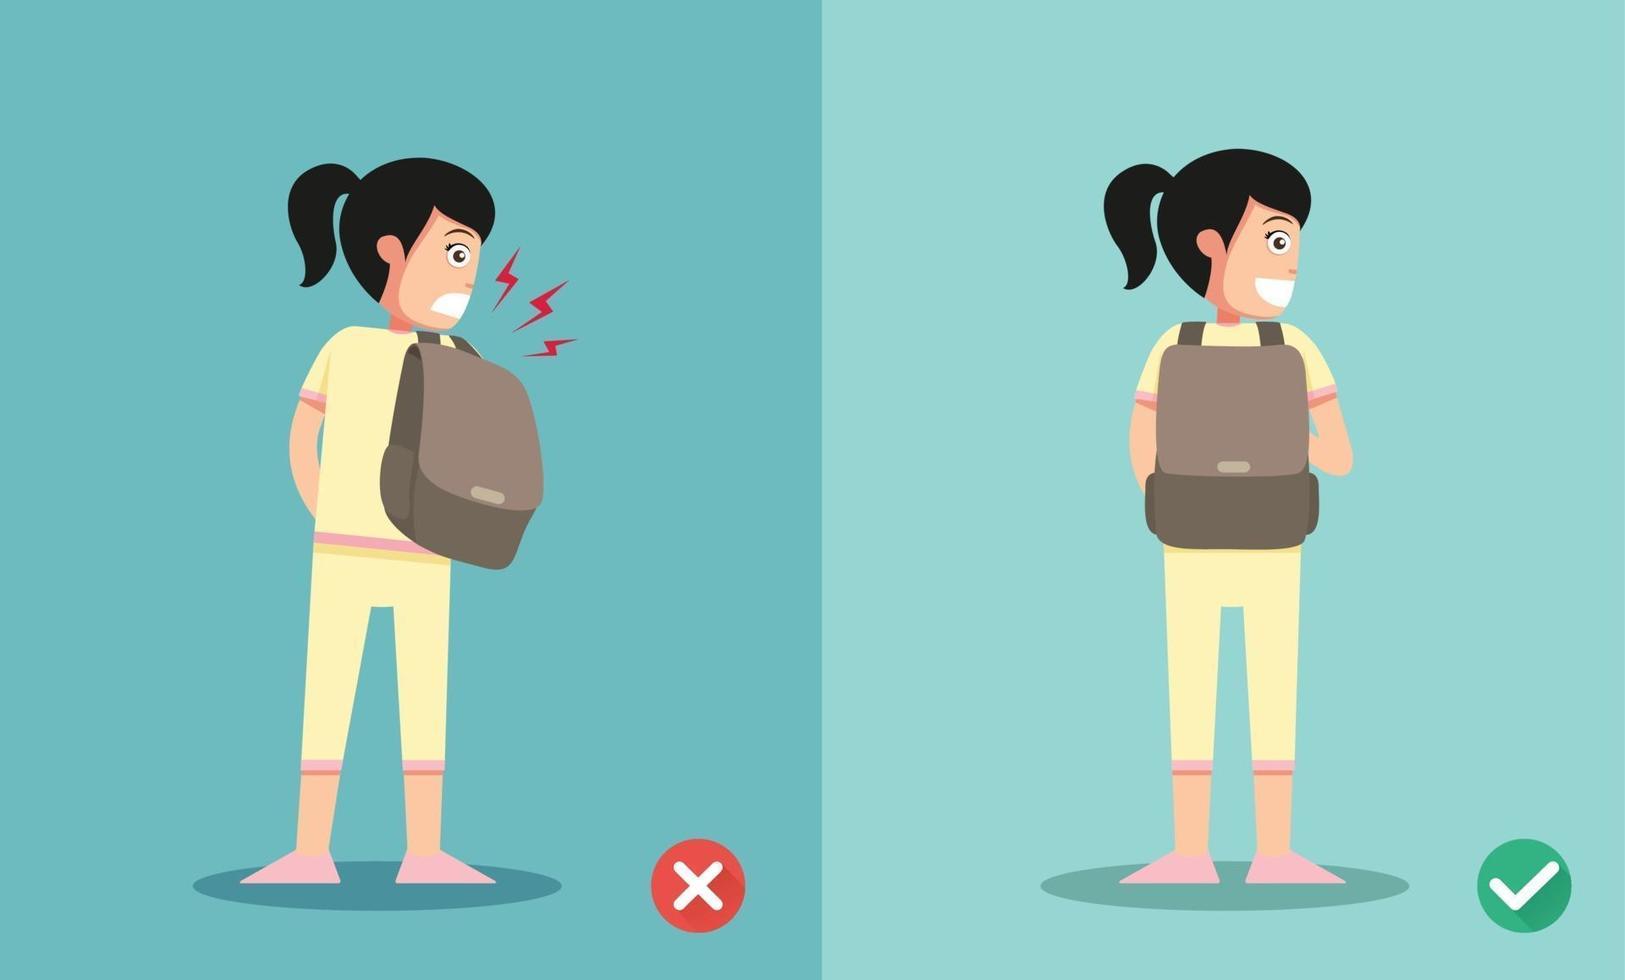 maneiras certas e erradas para a mochila em pé vetor